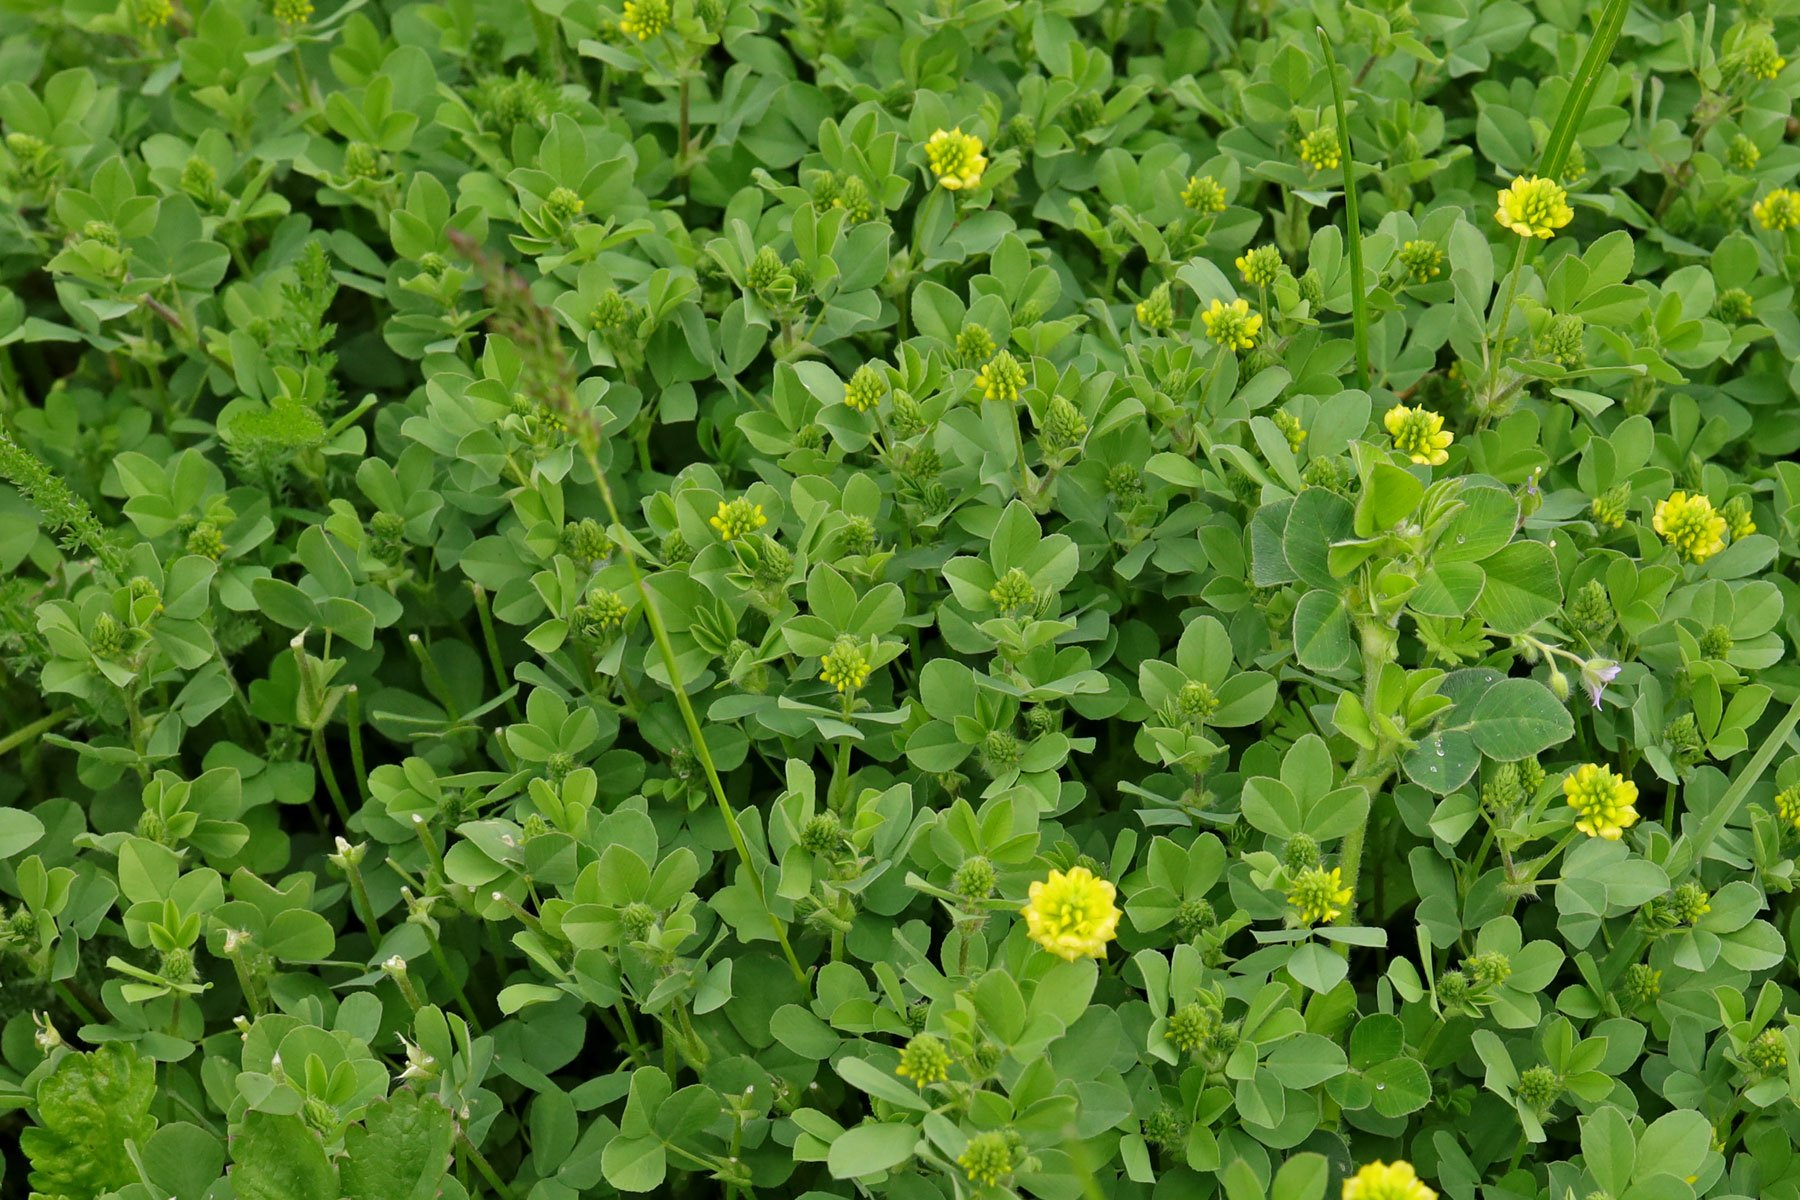 Feld-Klee Blätter